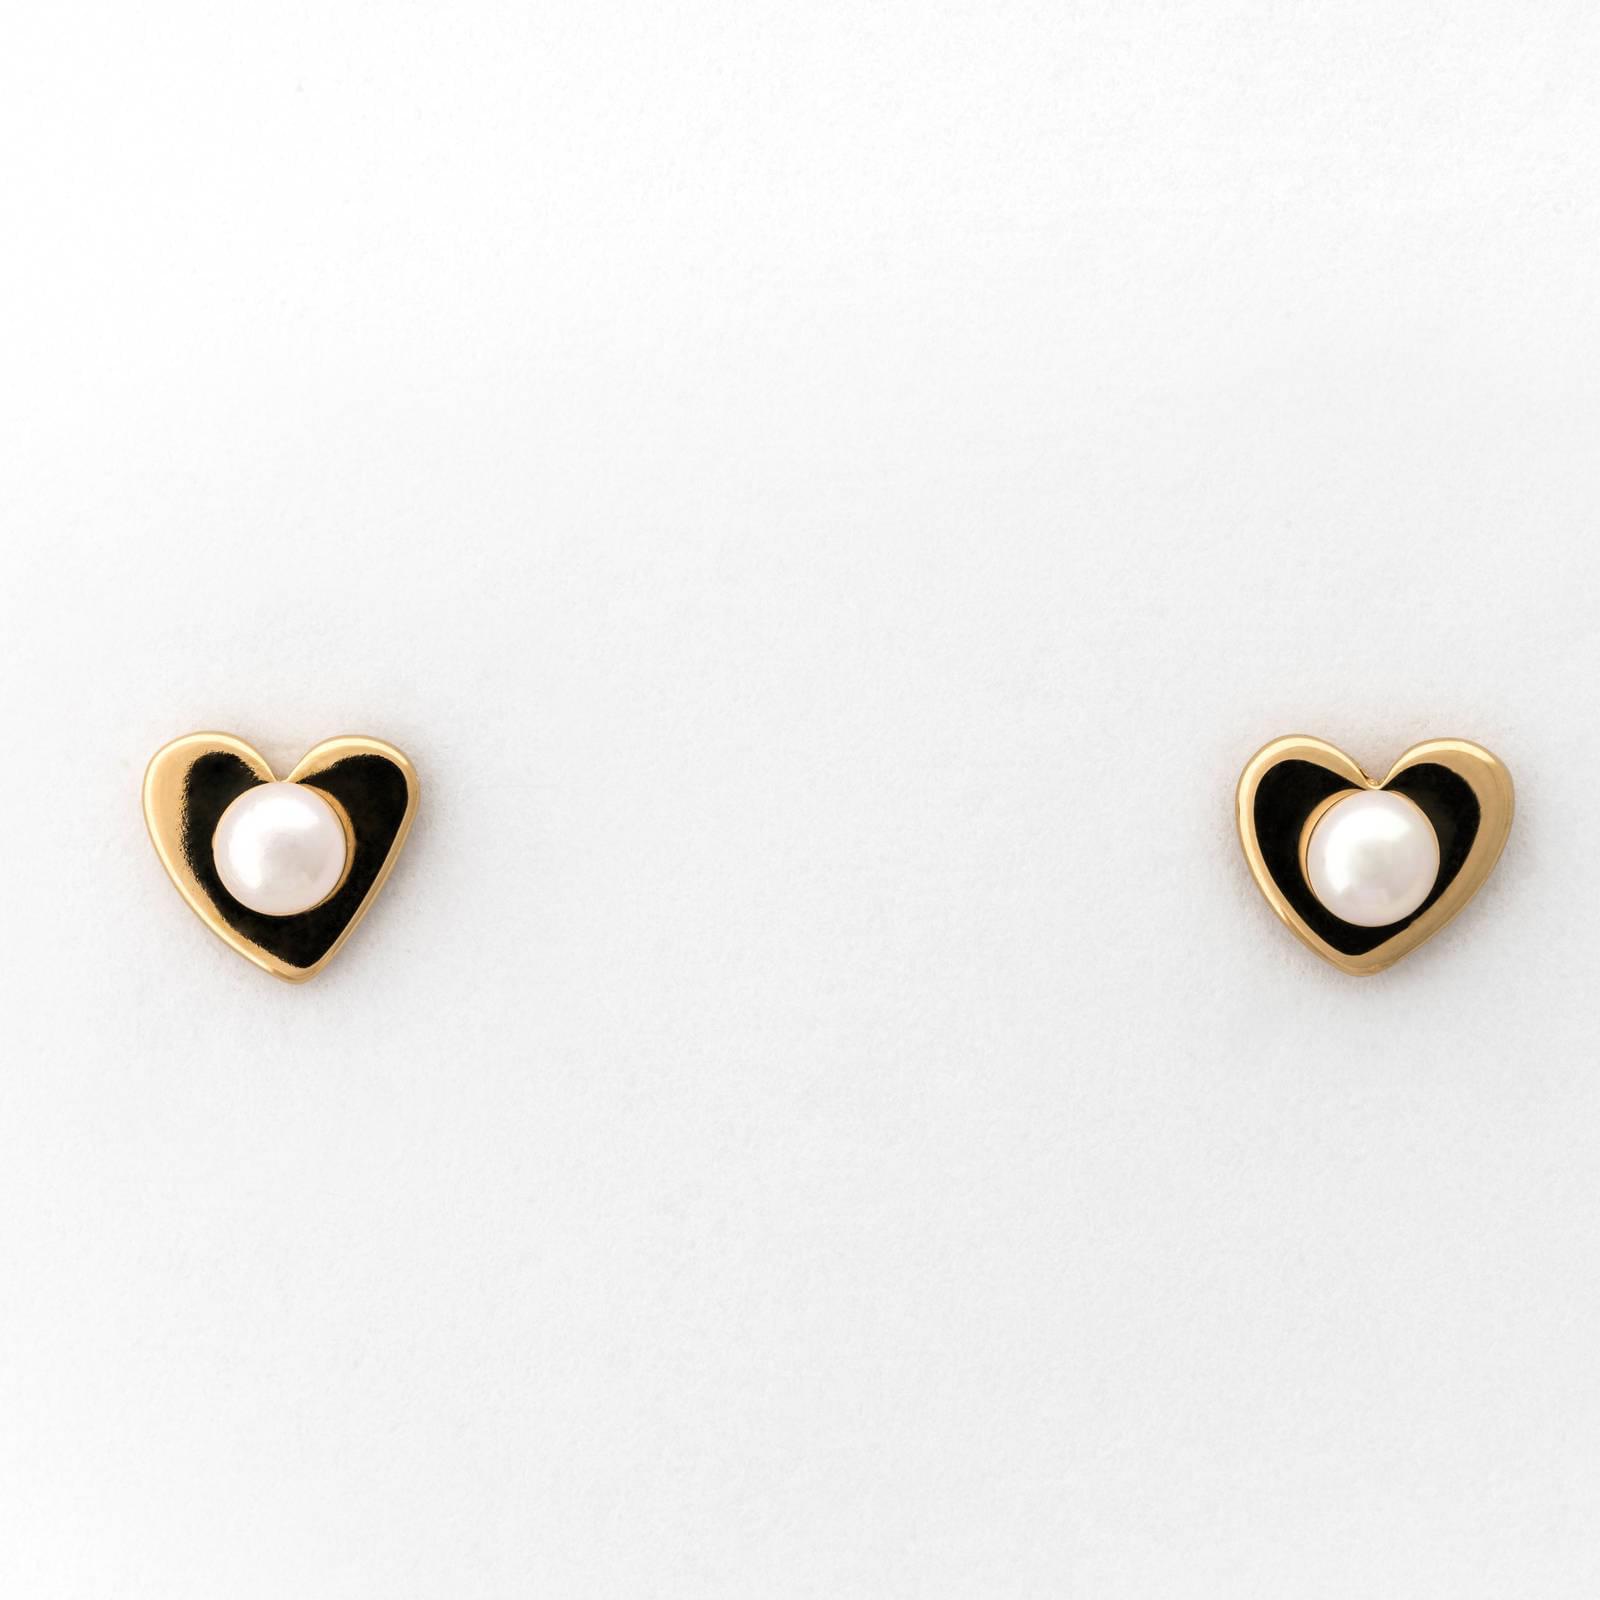 Brincos Heart - 16394.01.1